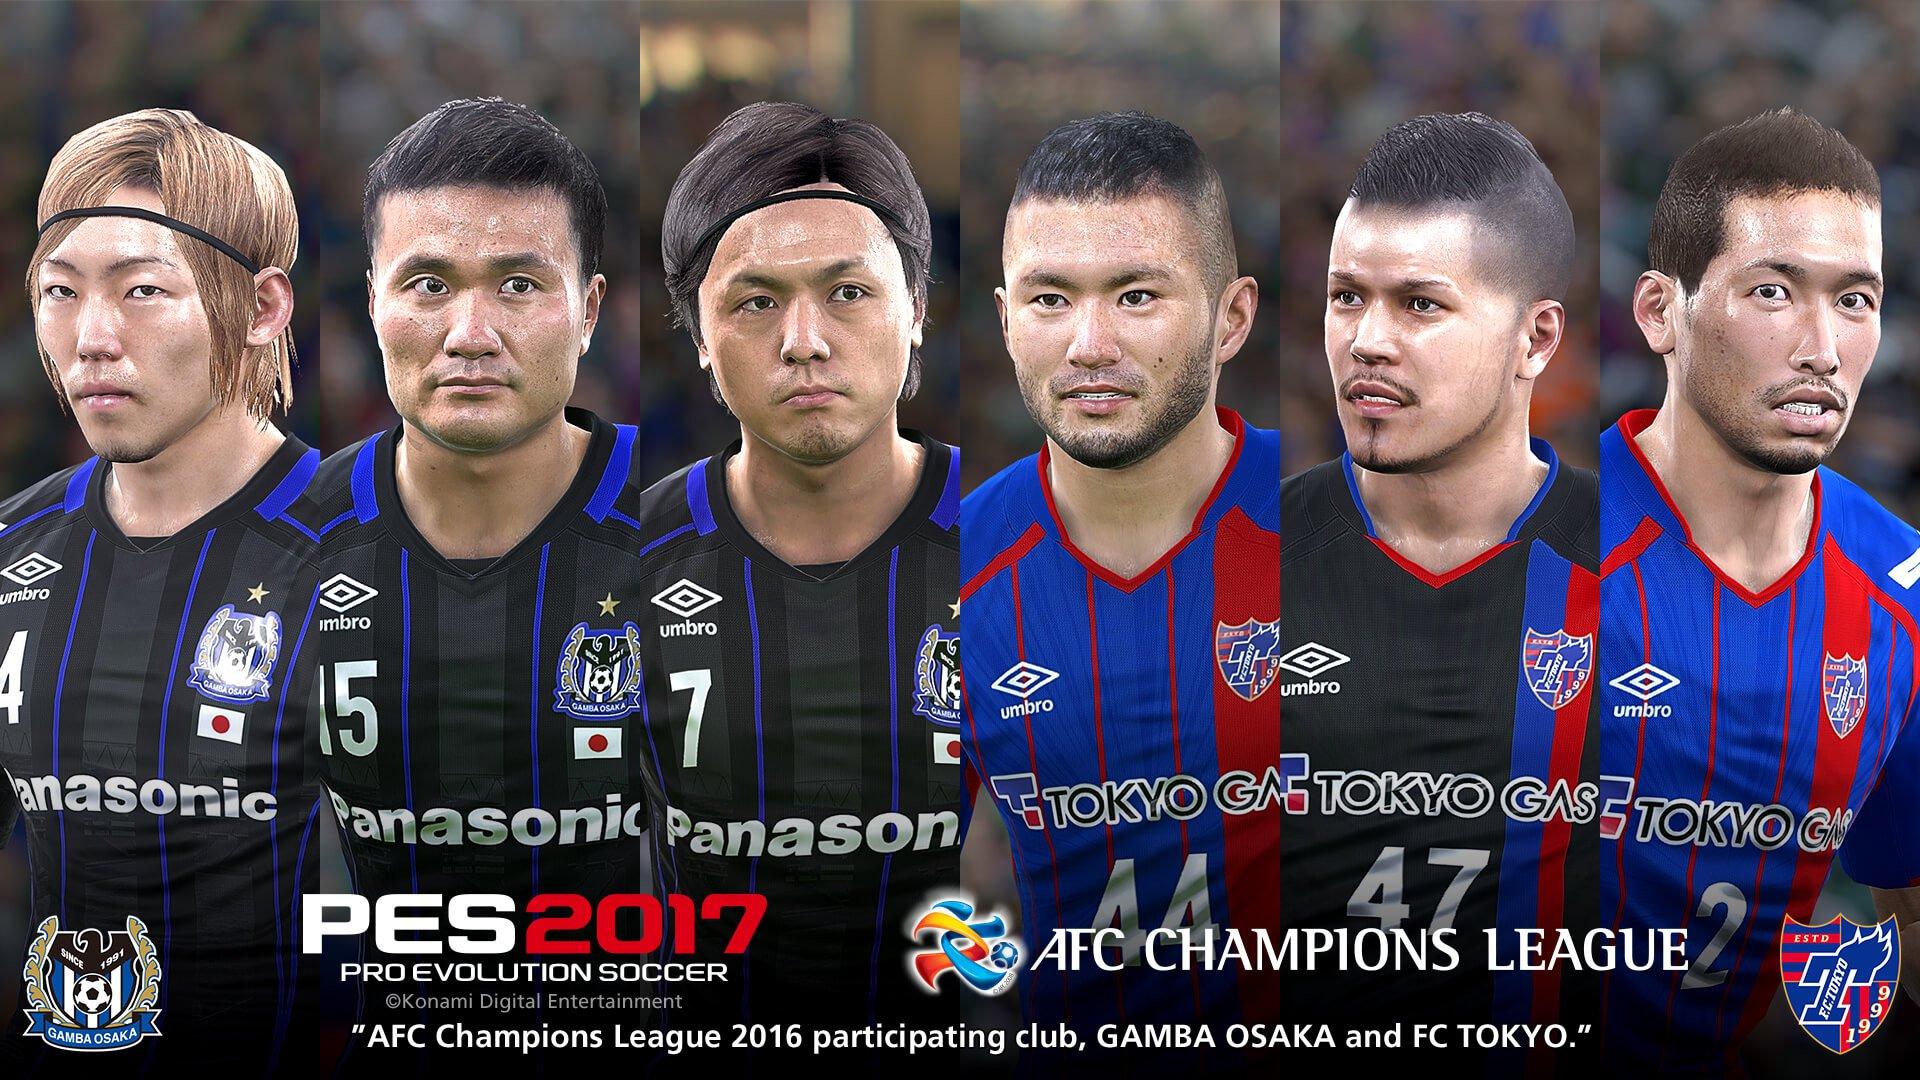 035102.jpg - Pro Evolution Soccer 2017